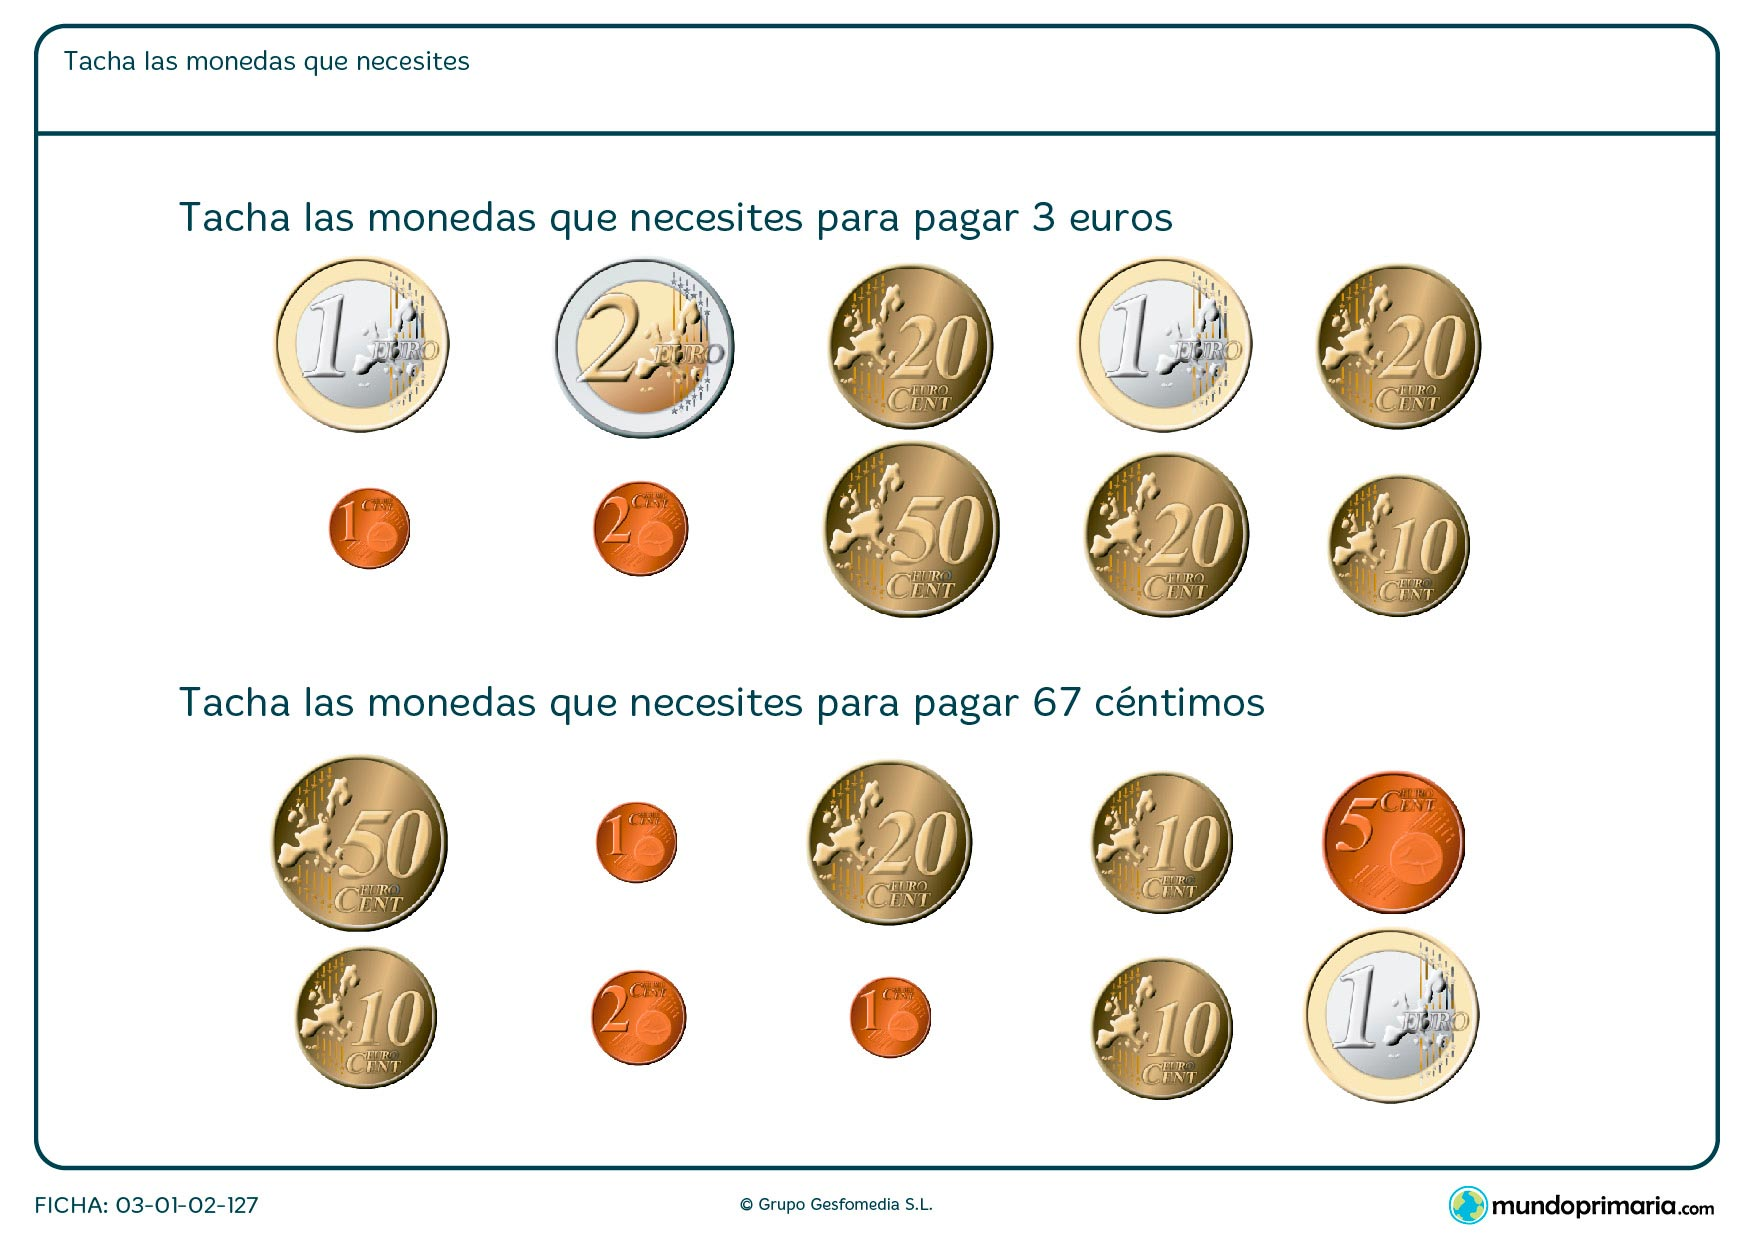 Ficha de seleccionar monedas necesarias en la que hay que tachar las monedas correspondientes.